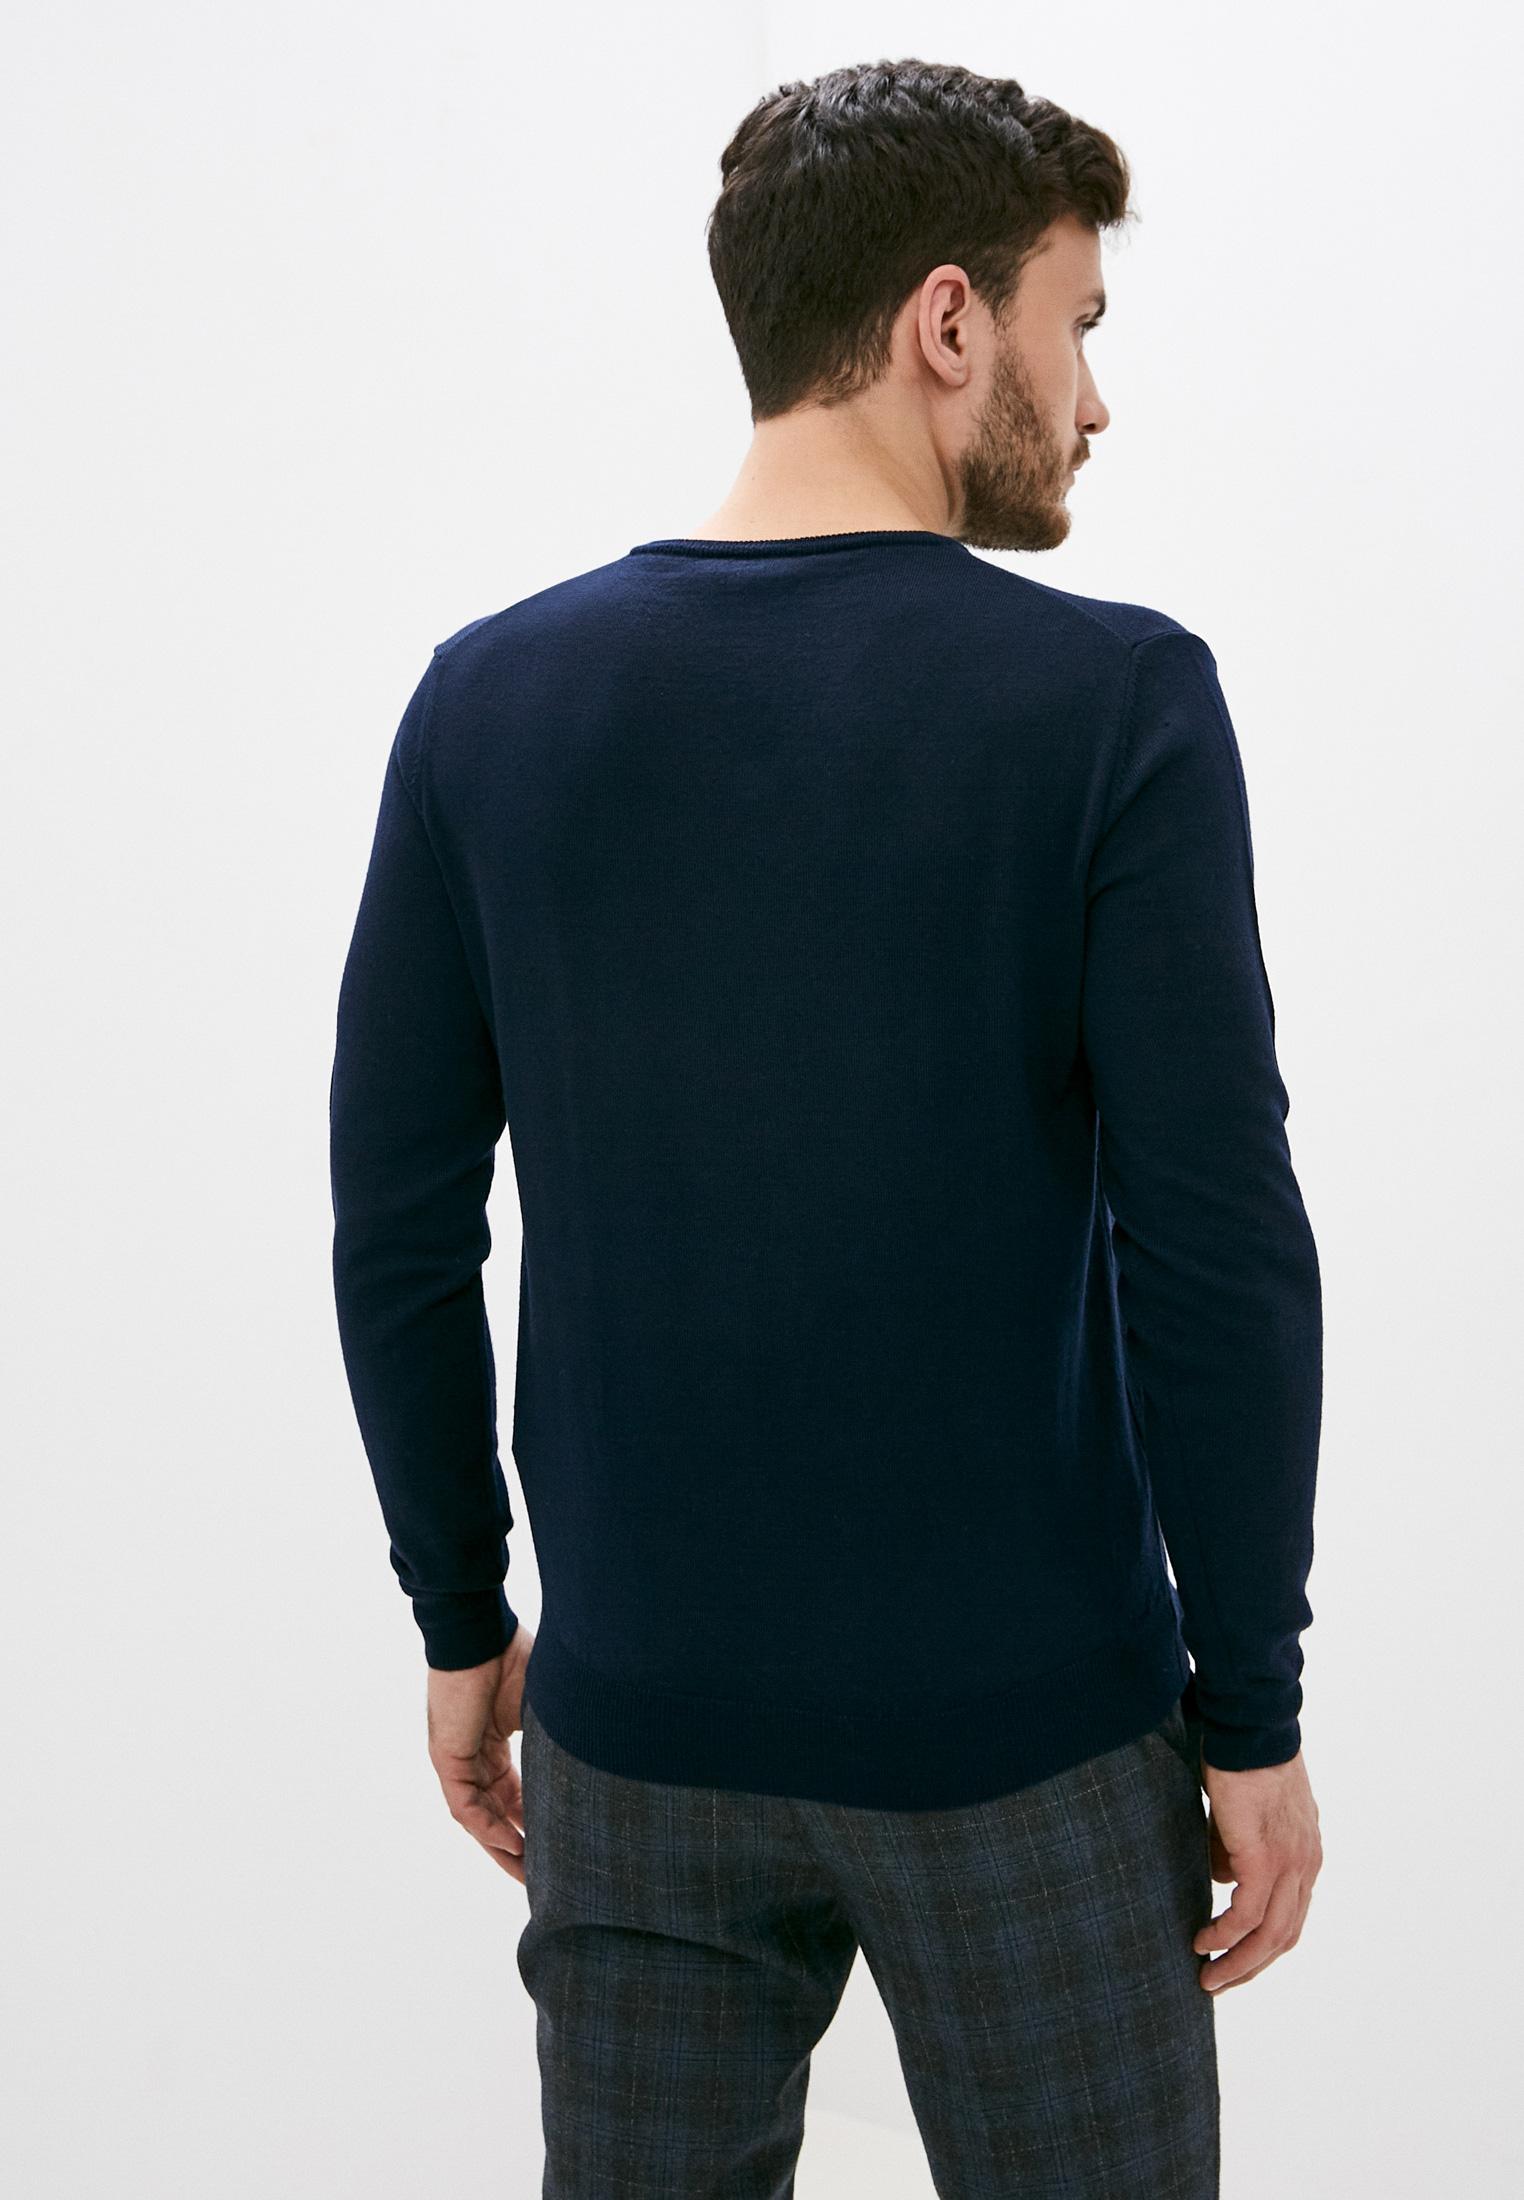 Пуловер Baldinini (Балдинини) MU0215: изображение 4